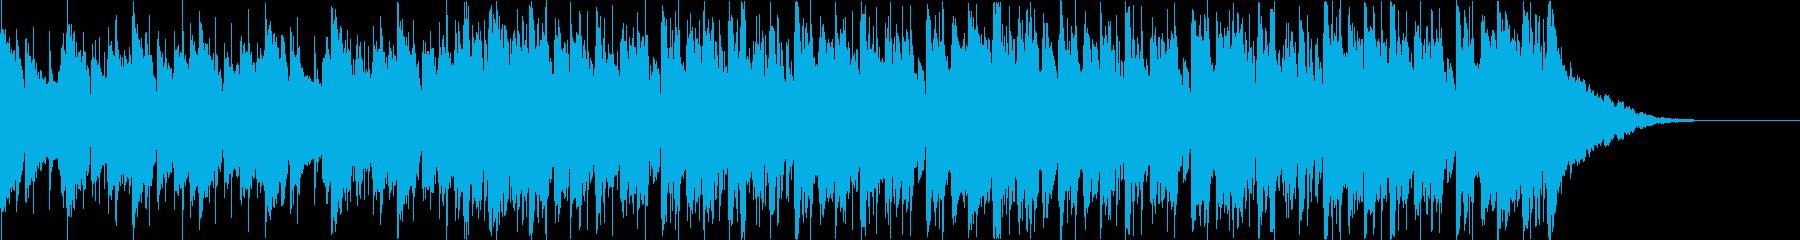 Pf「悠々」和風現代ジャズの再生済みの波形